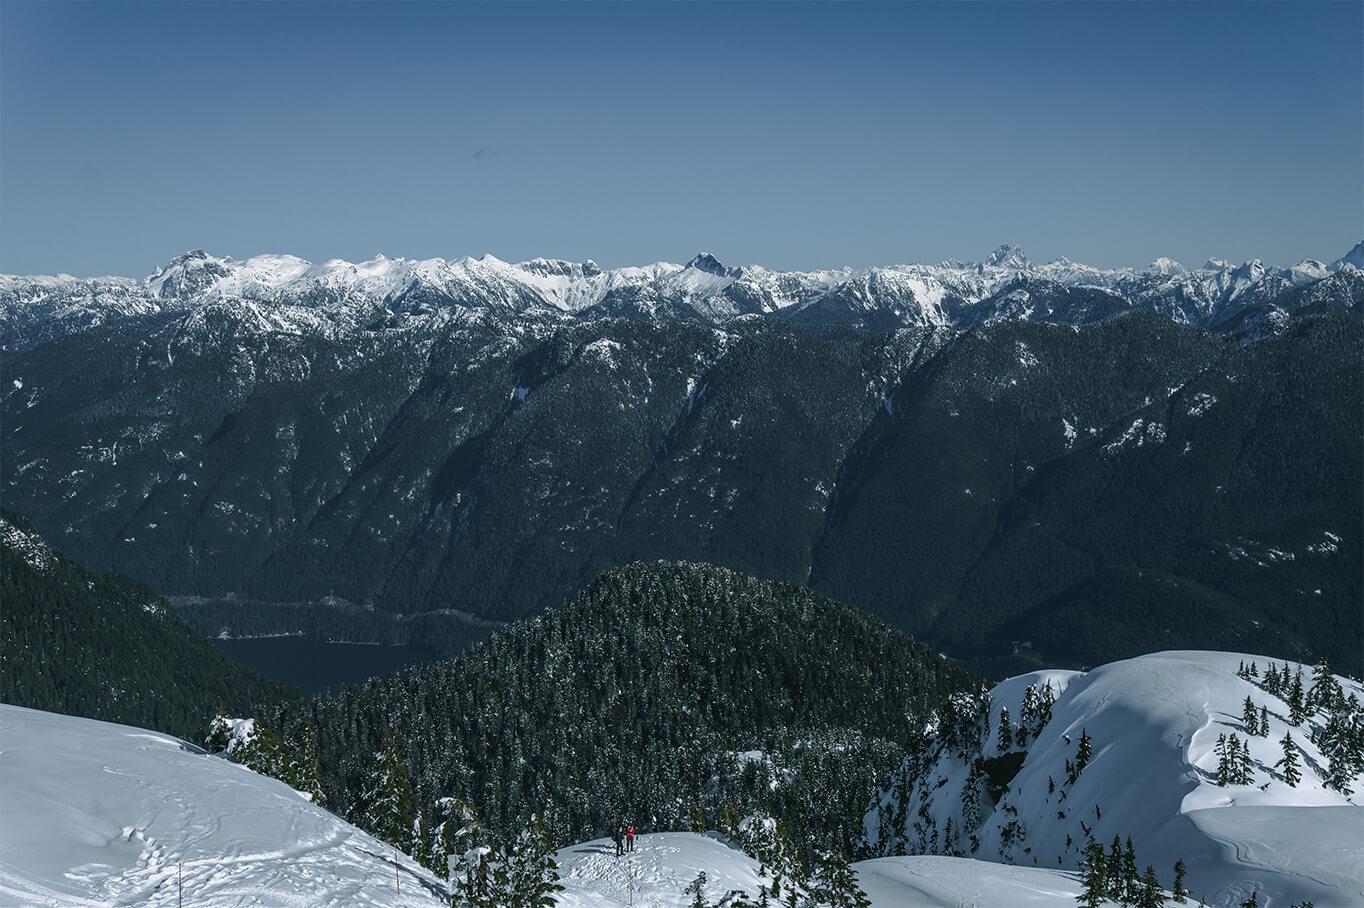 Ausblick auf schneebedeckte Berge